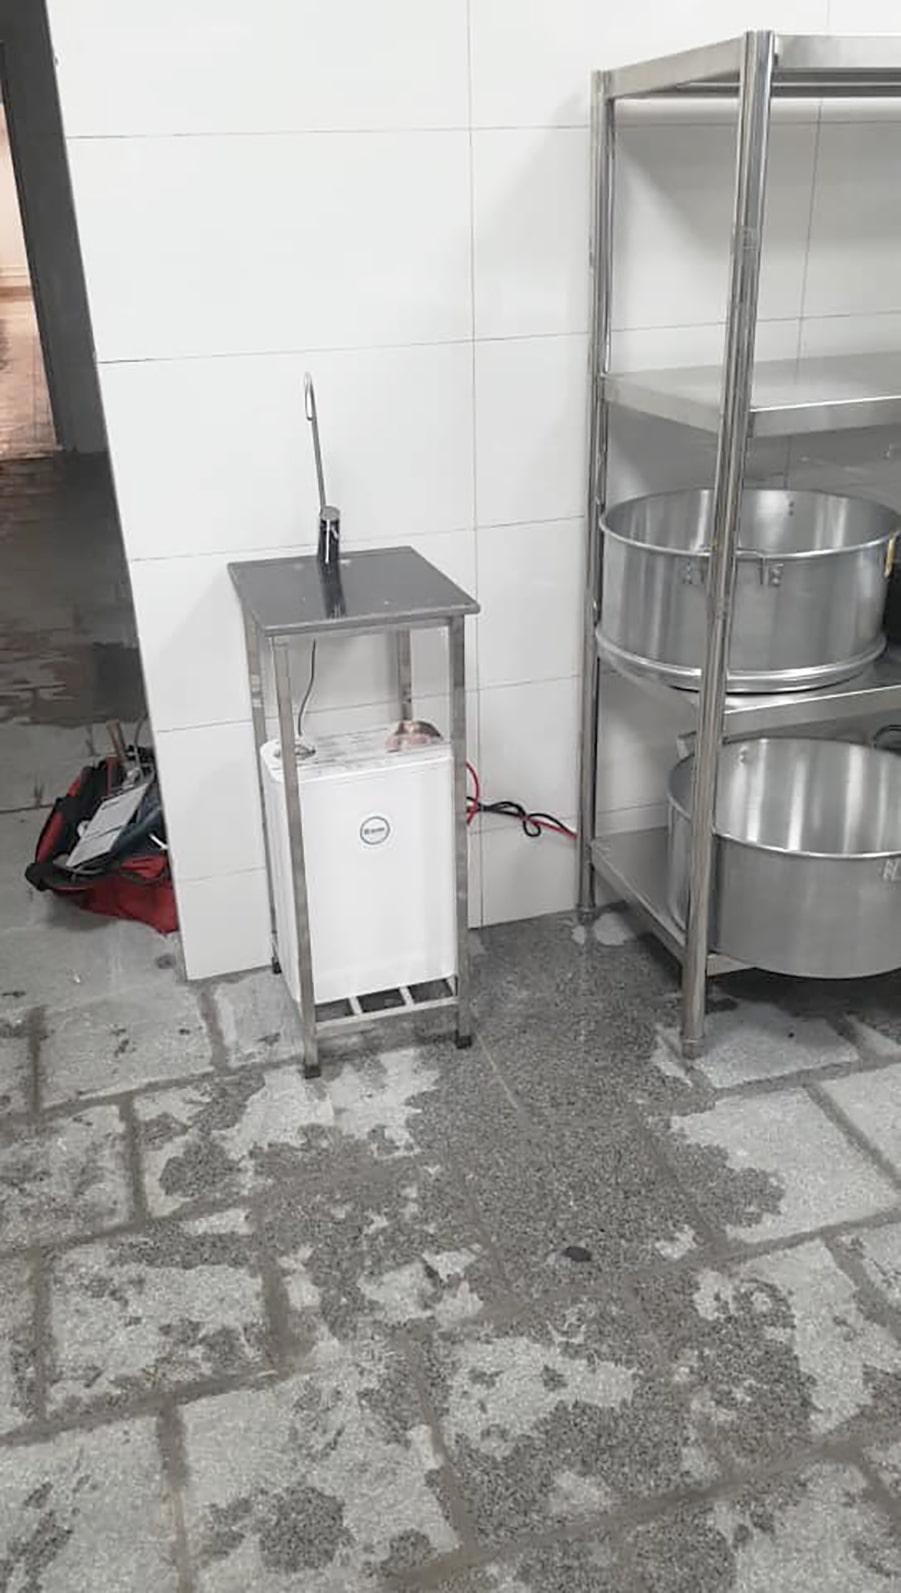 Hình ảnh thực tế máy lọc nước AoSmith S600